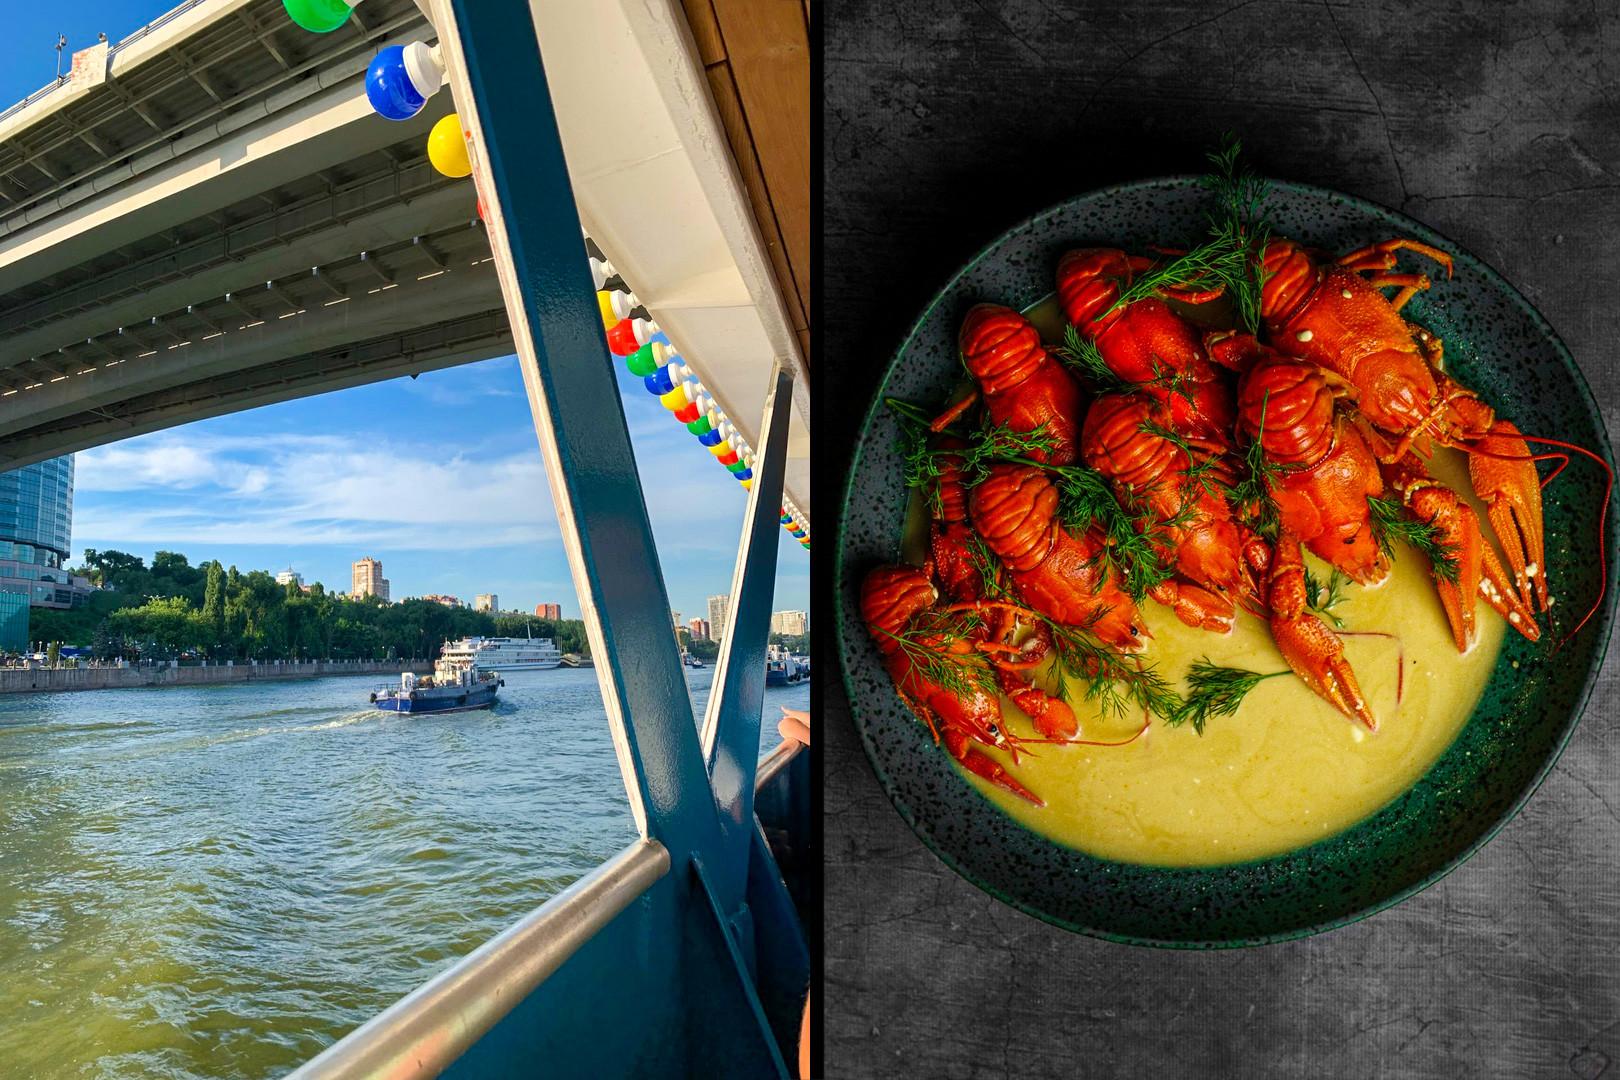 Il fiume Don e alcune specialità culinarie locali: i gamberi di fiume